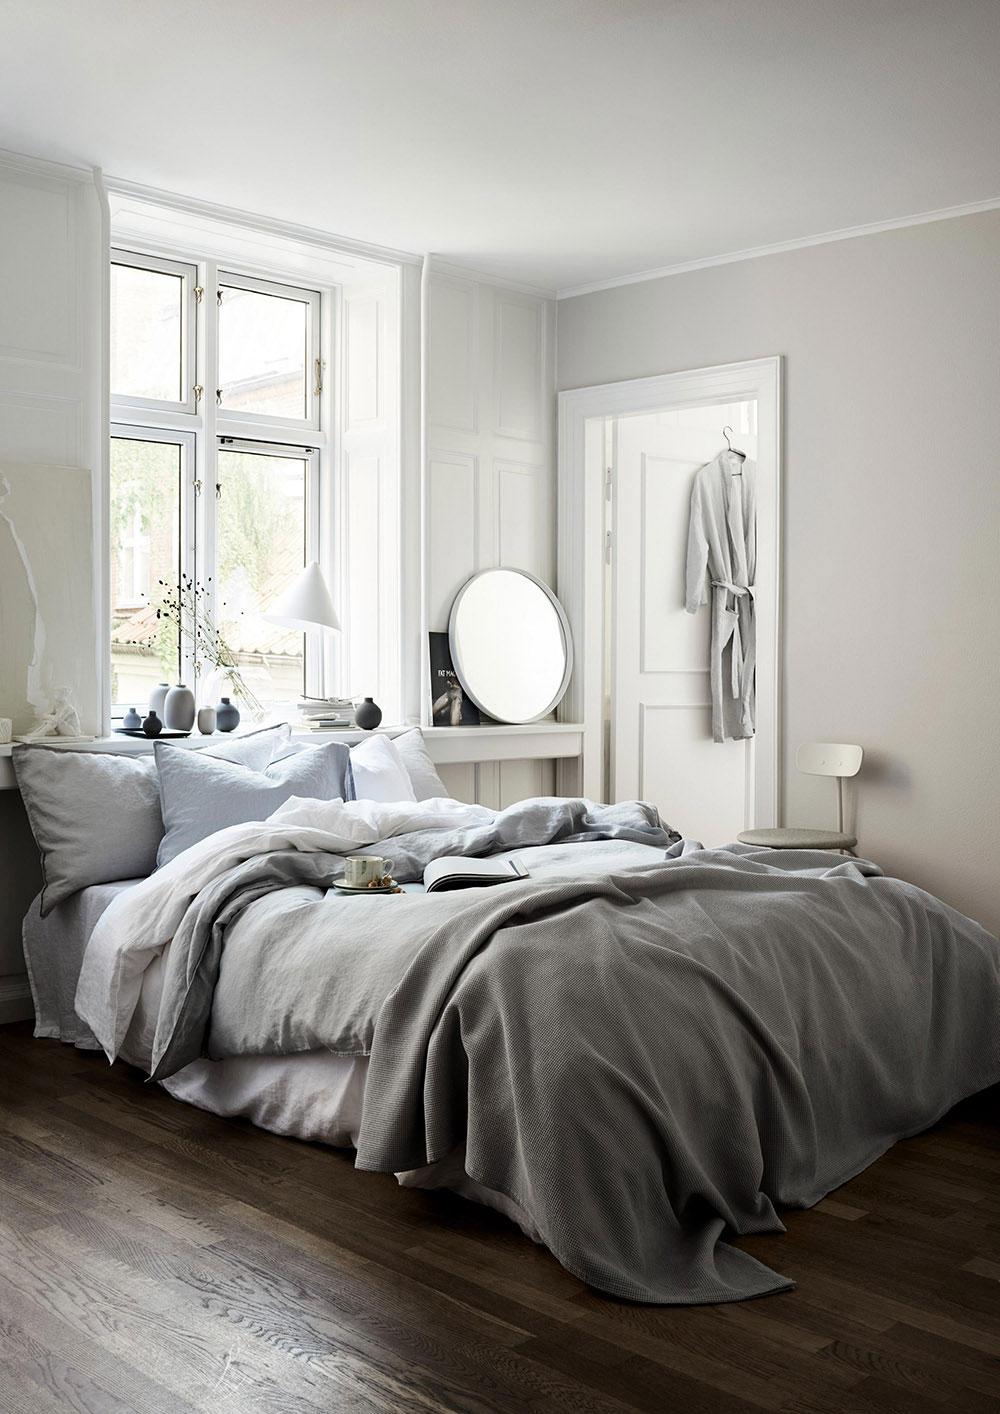 7 Wohlfühl-Tipps und Stilregeln für mehr Harmonie im Schlafzimmer!